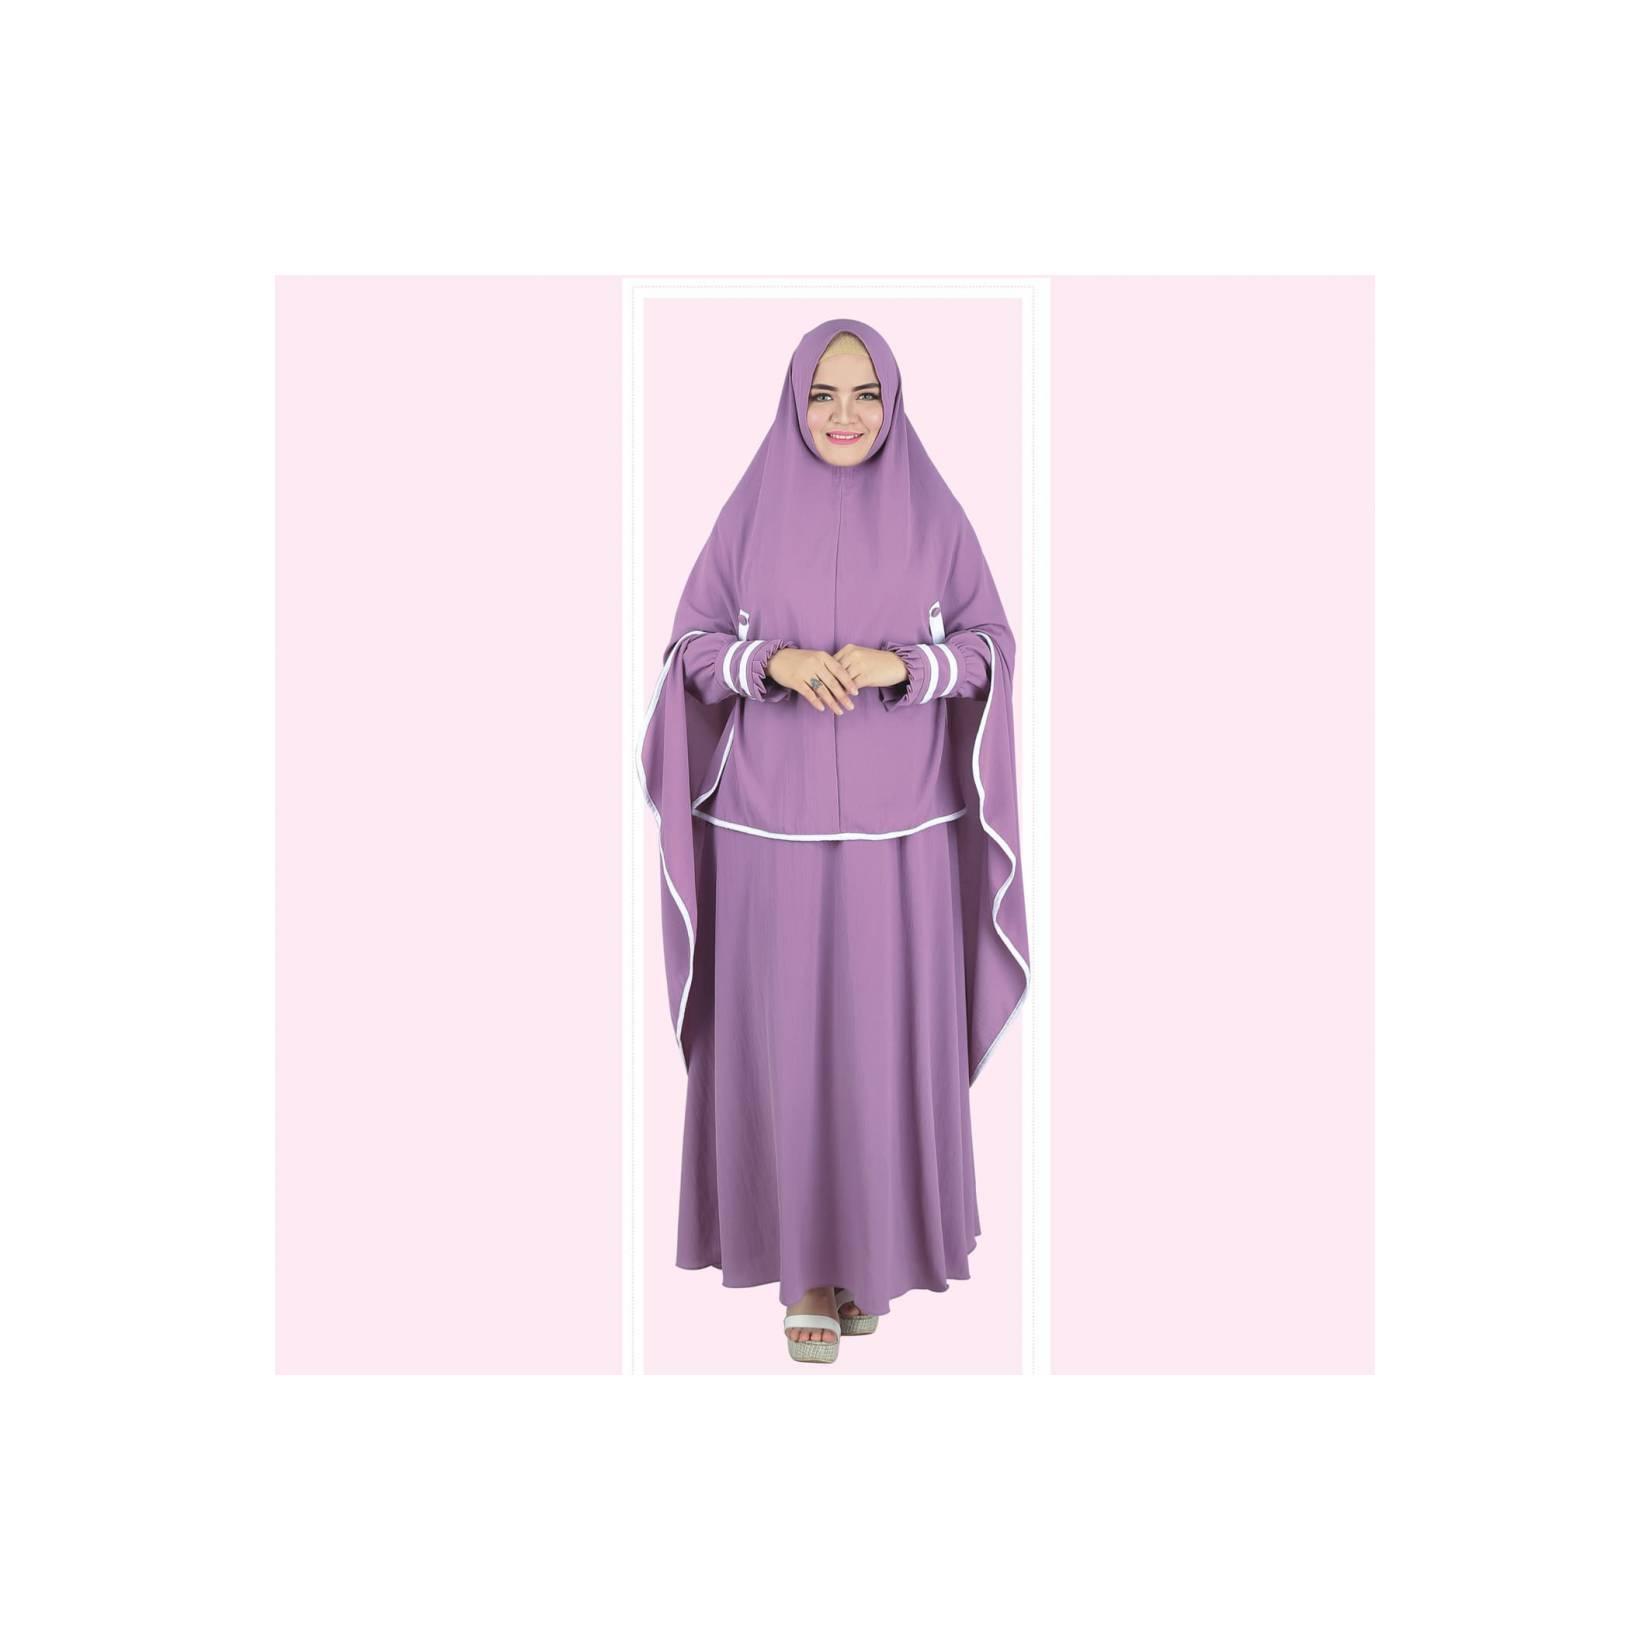 Baju Busana Muslim Gamis Pakistan Setelan Dress Casual Wanita Ungu